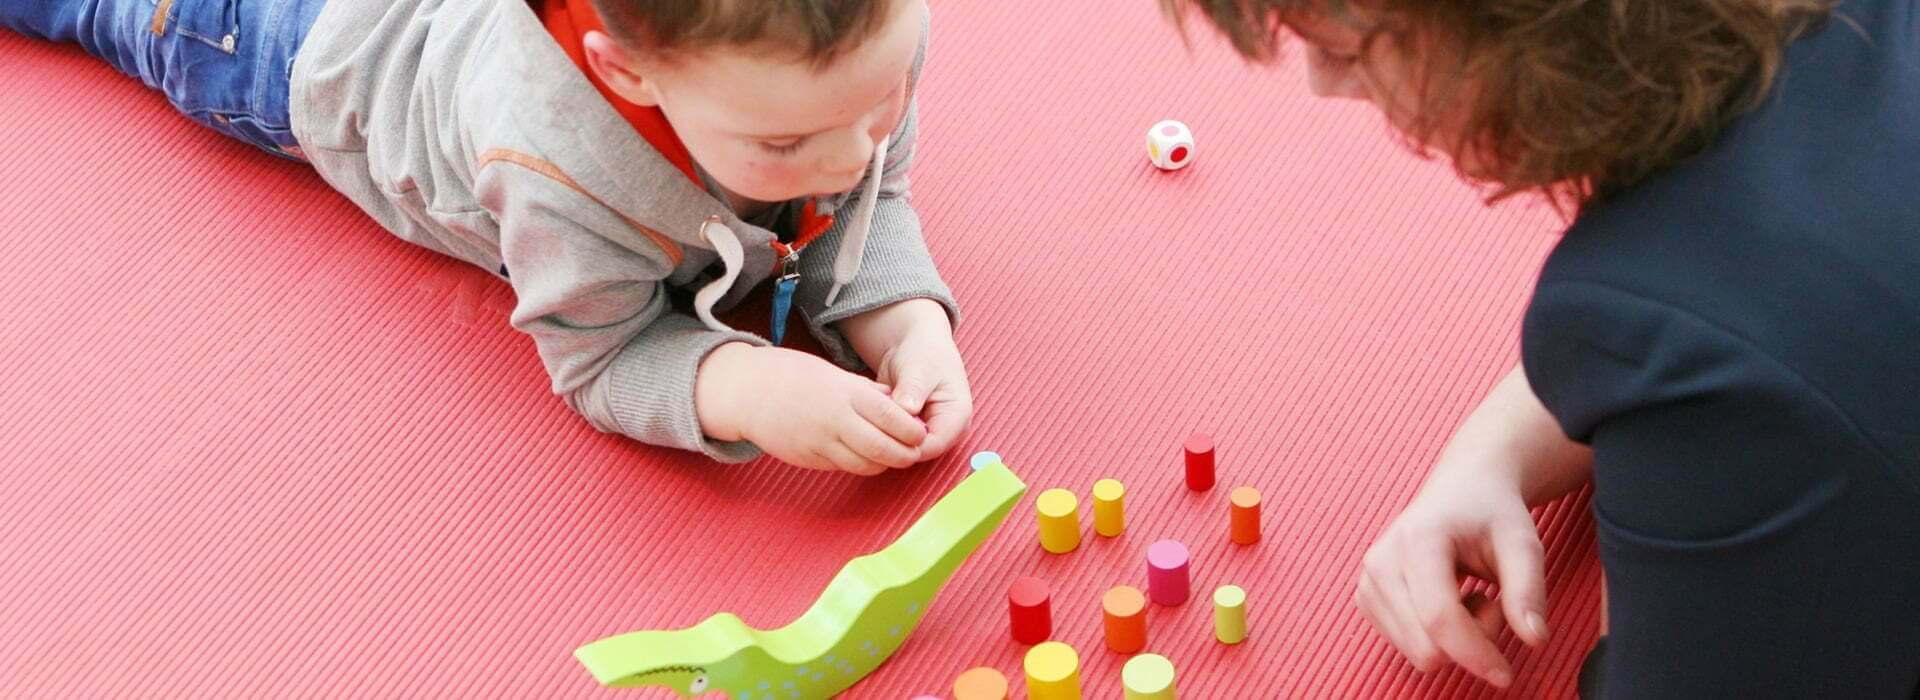 oyun terapisi saygin psikoloji